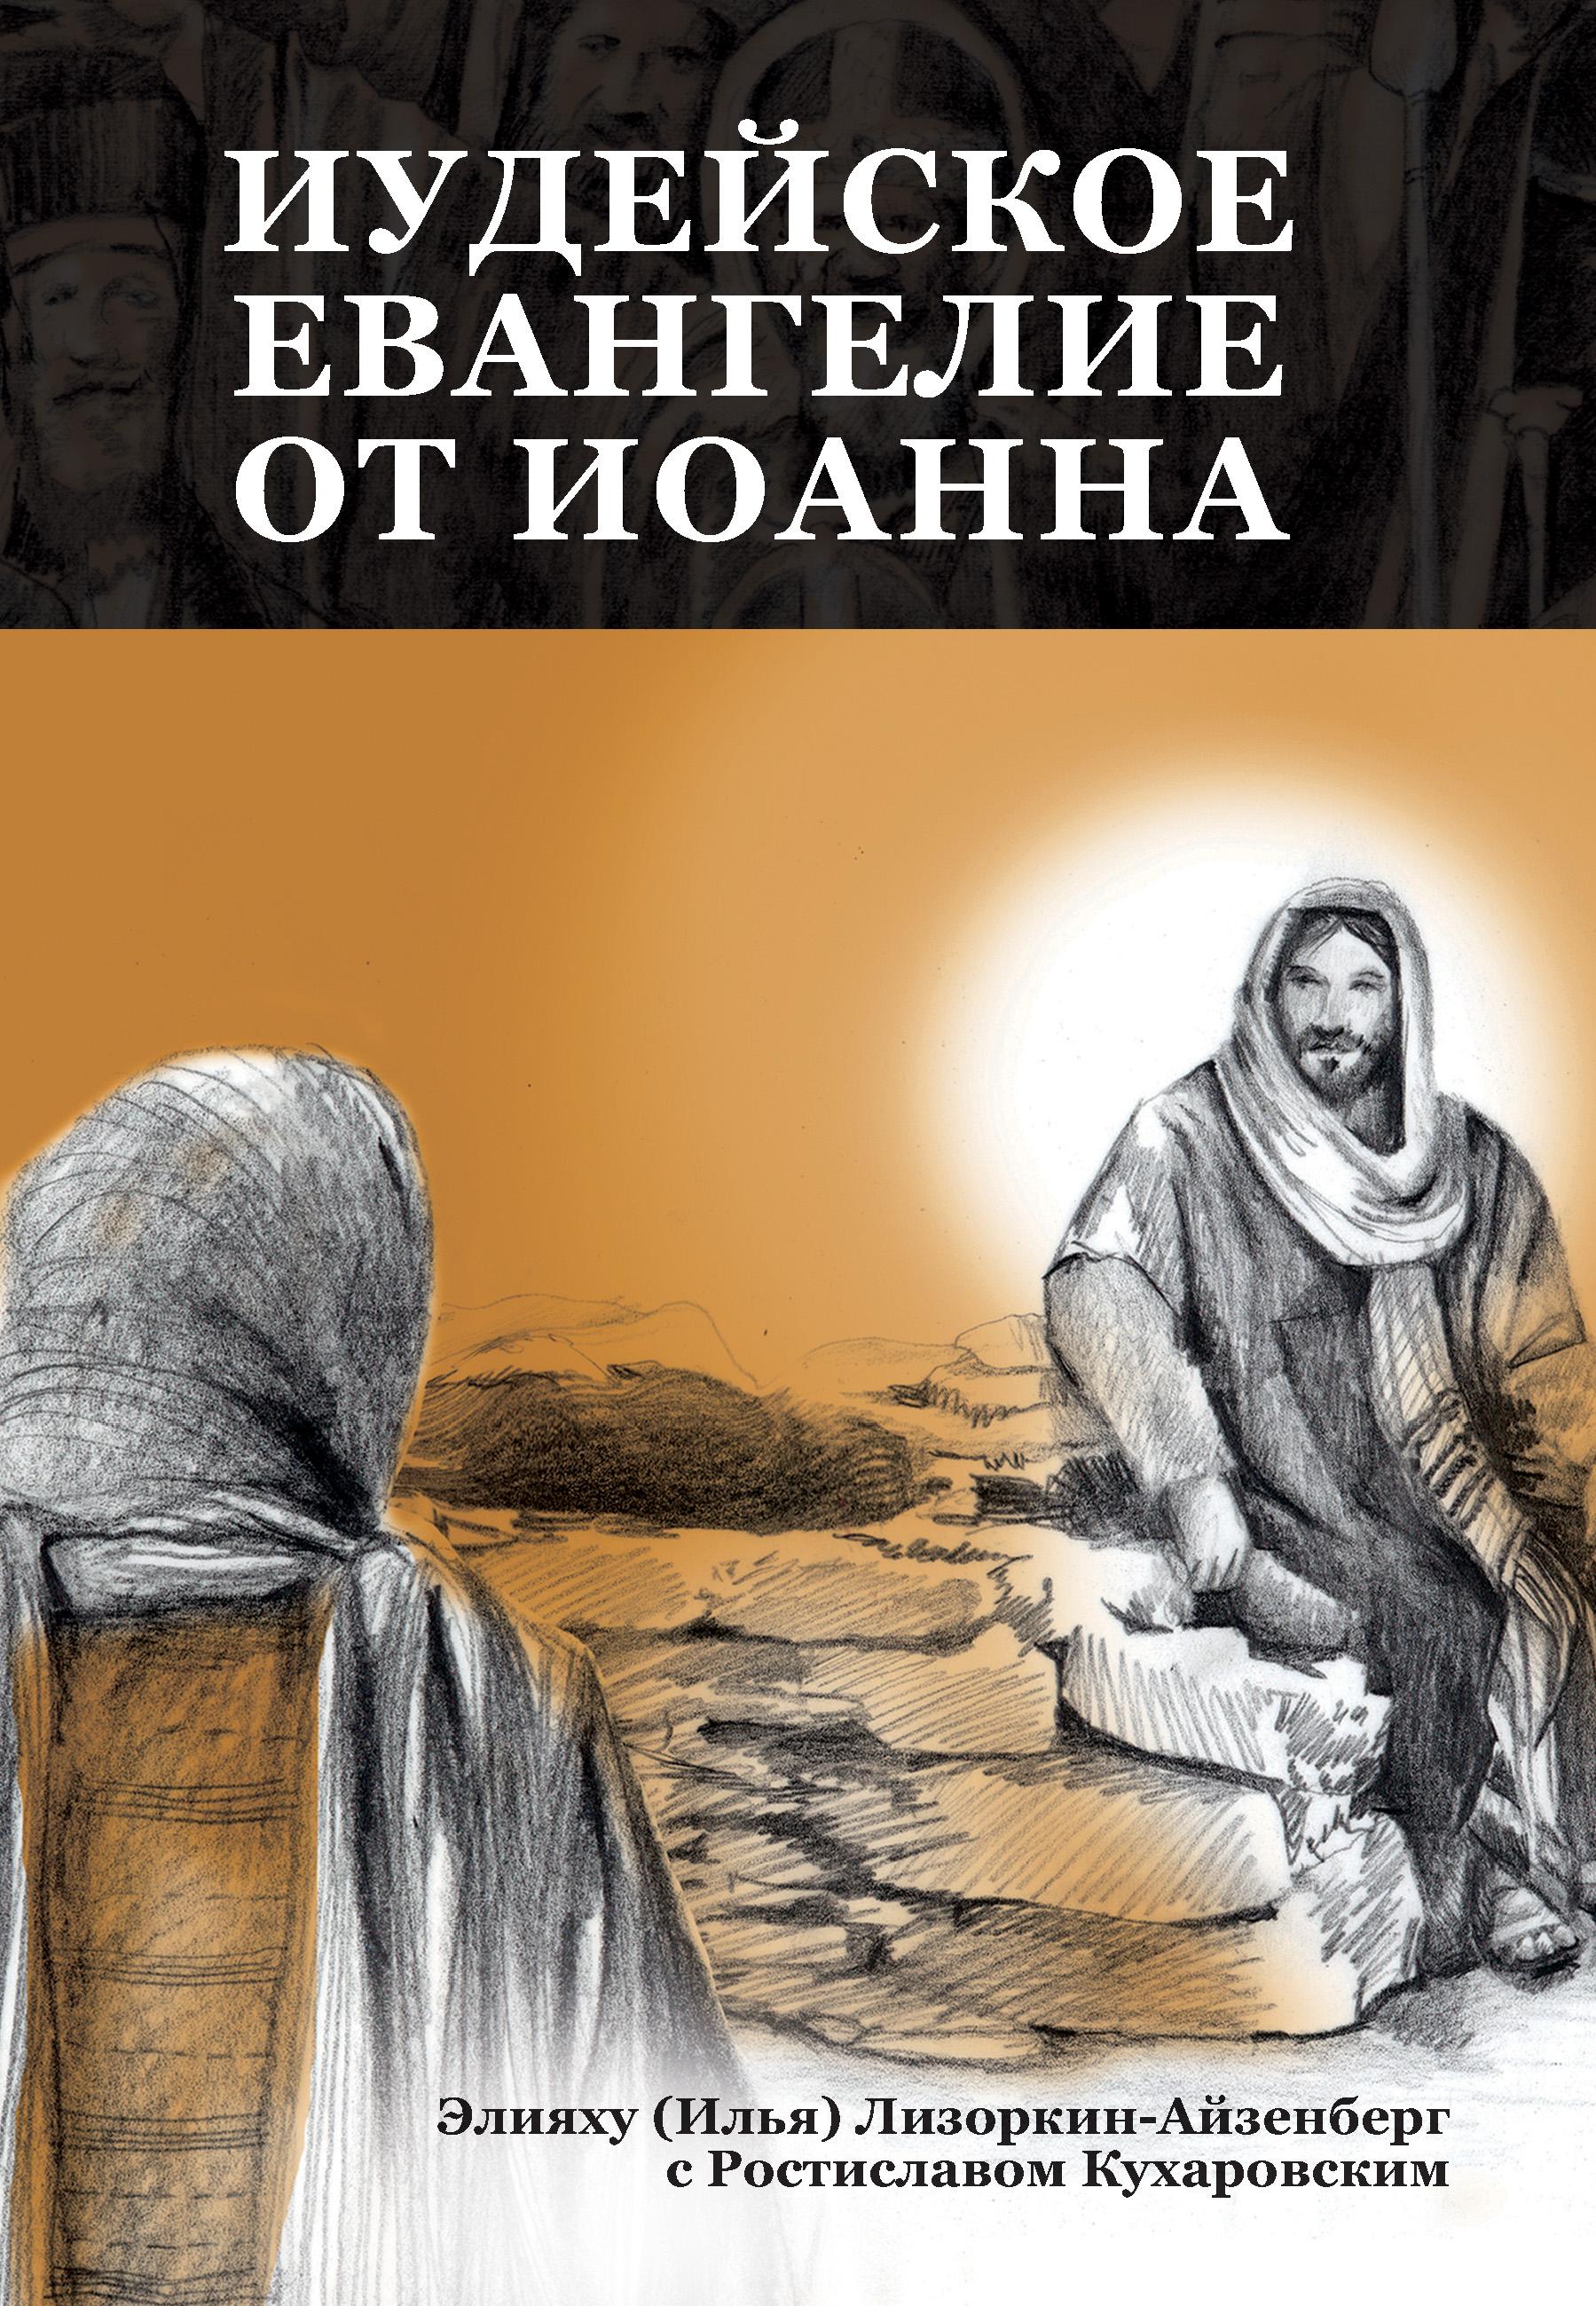 Купить книгу Иудейское Евангелие от Иоанна: Открывая для себя Иисуса, Царя всего Израиля, автора Элияху Лизоркина-Айзенберга